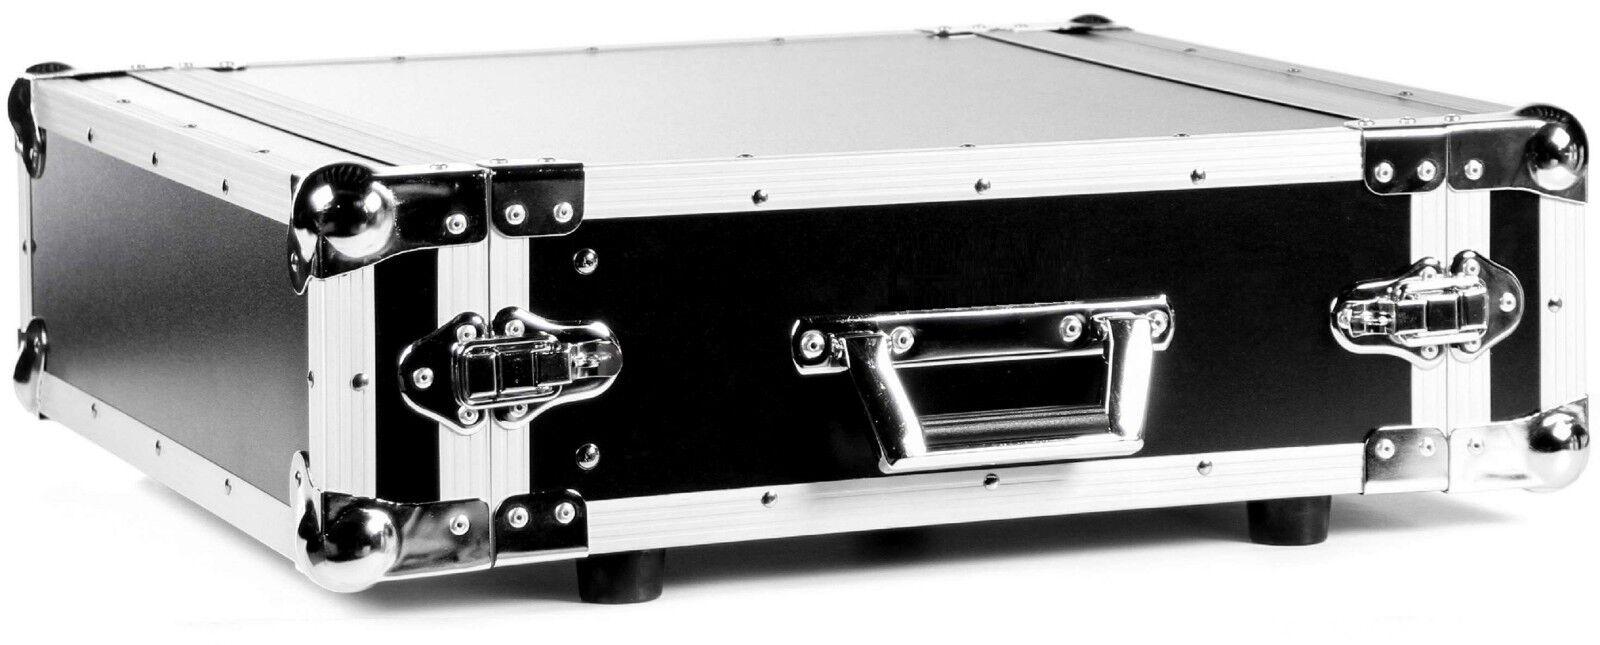 Effektrack Discorack 3HE, 43cm tief schwarz, Double Door, Verstärkerrack Amprack